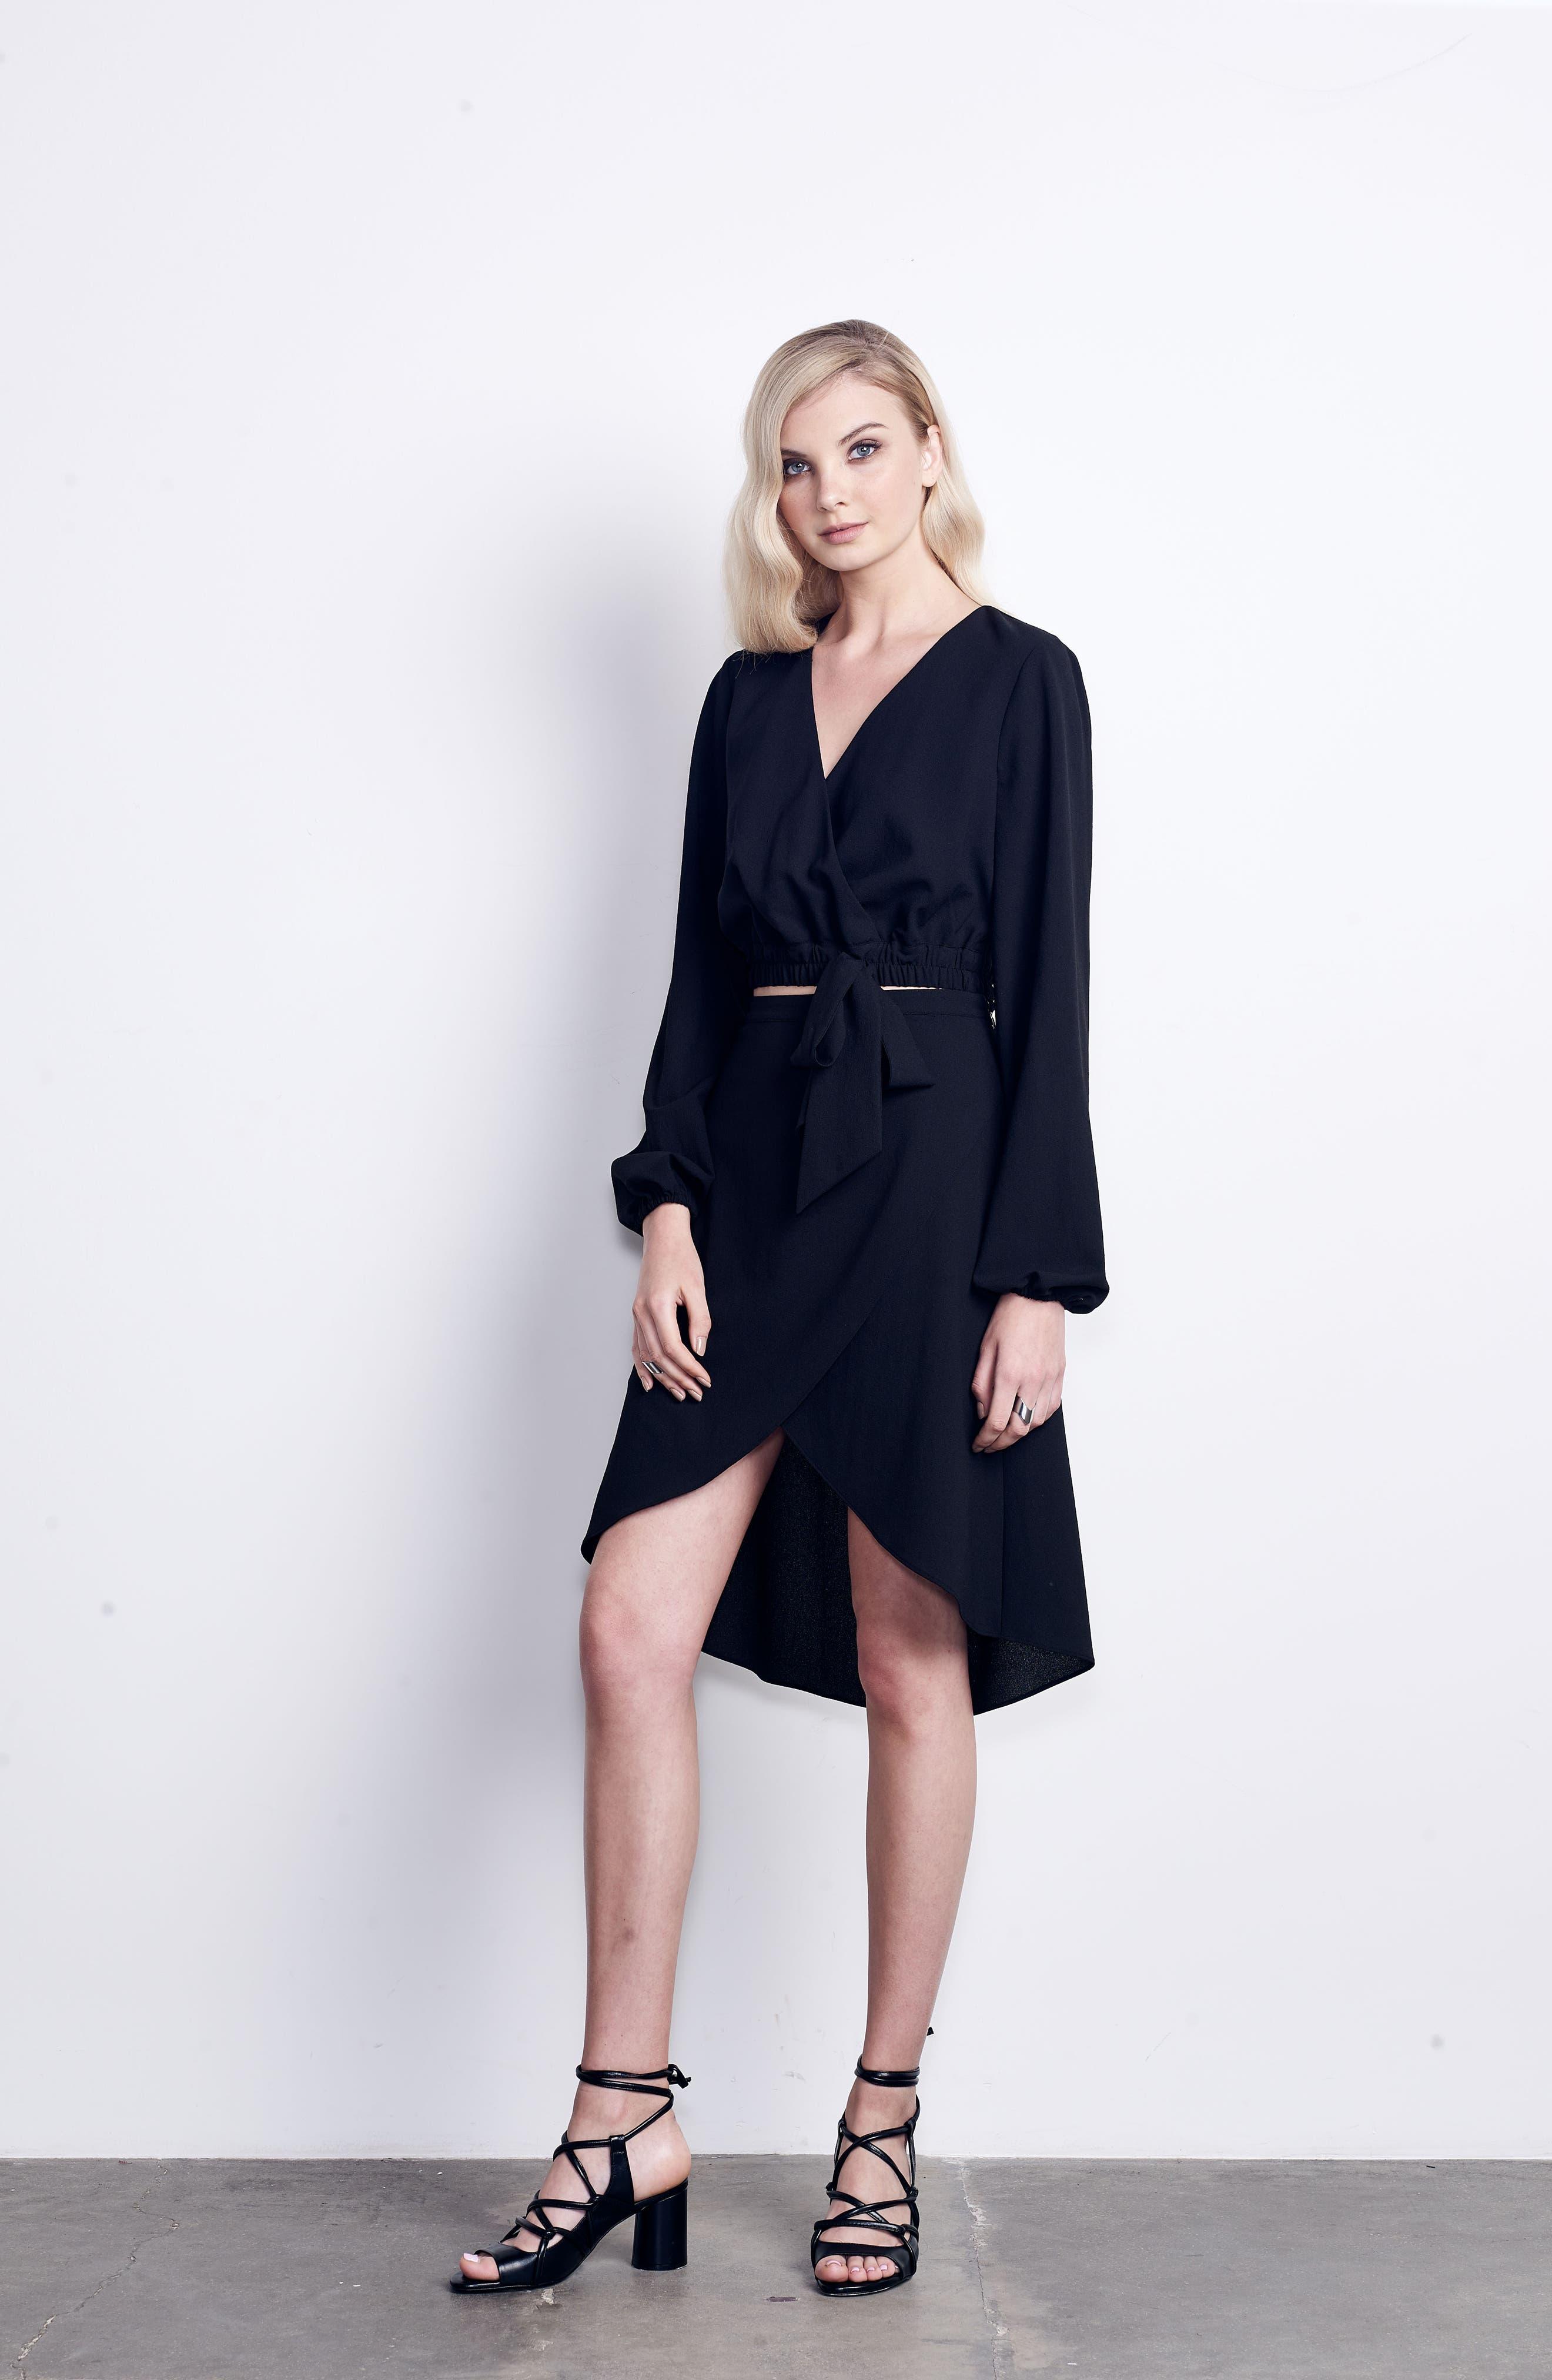 St. Tropez Two-Piece Dress,                             Alternate thumbnail 2, color,                             Black